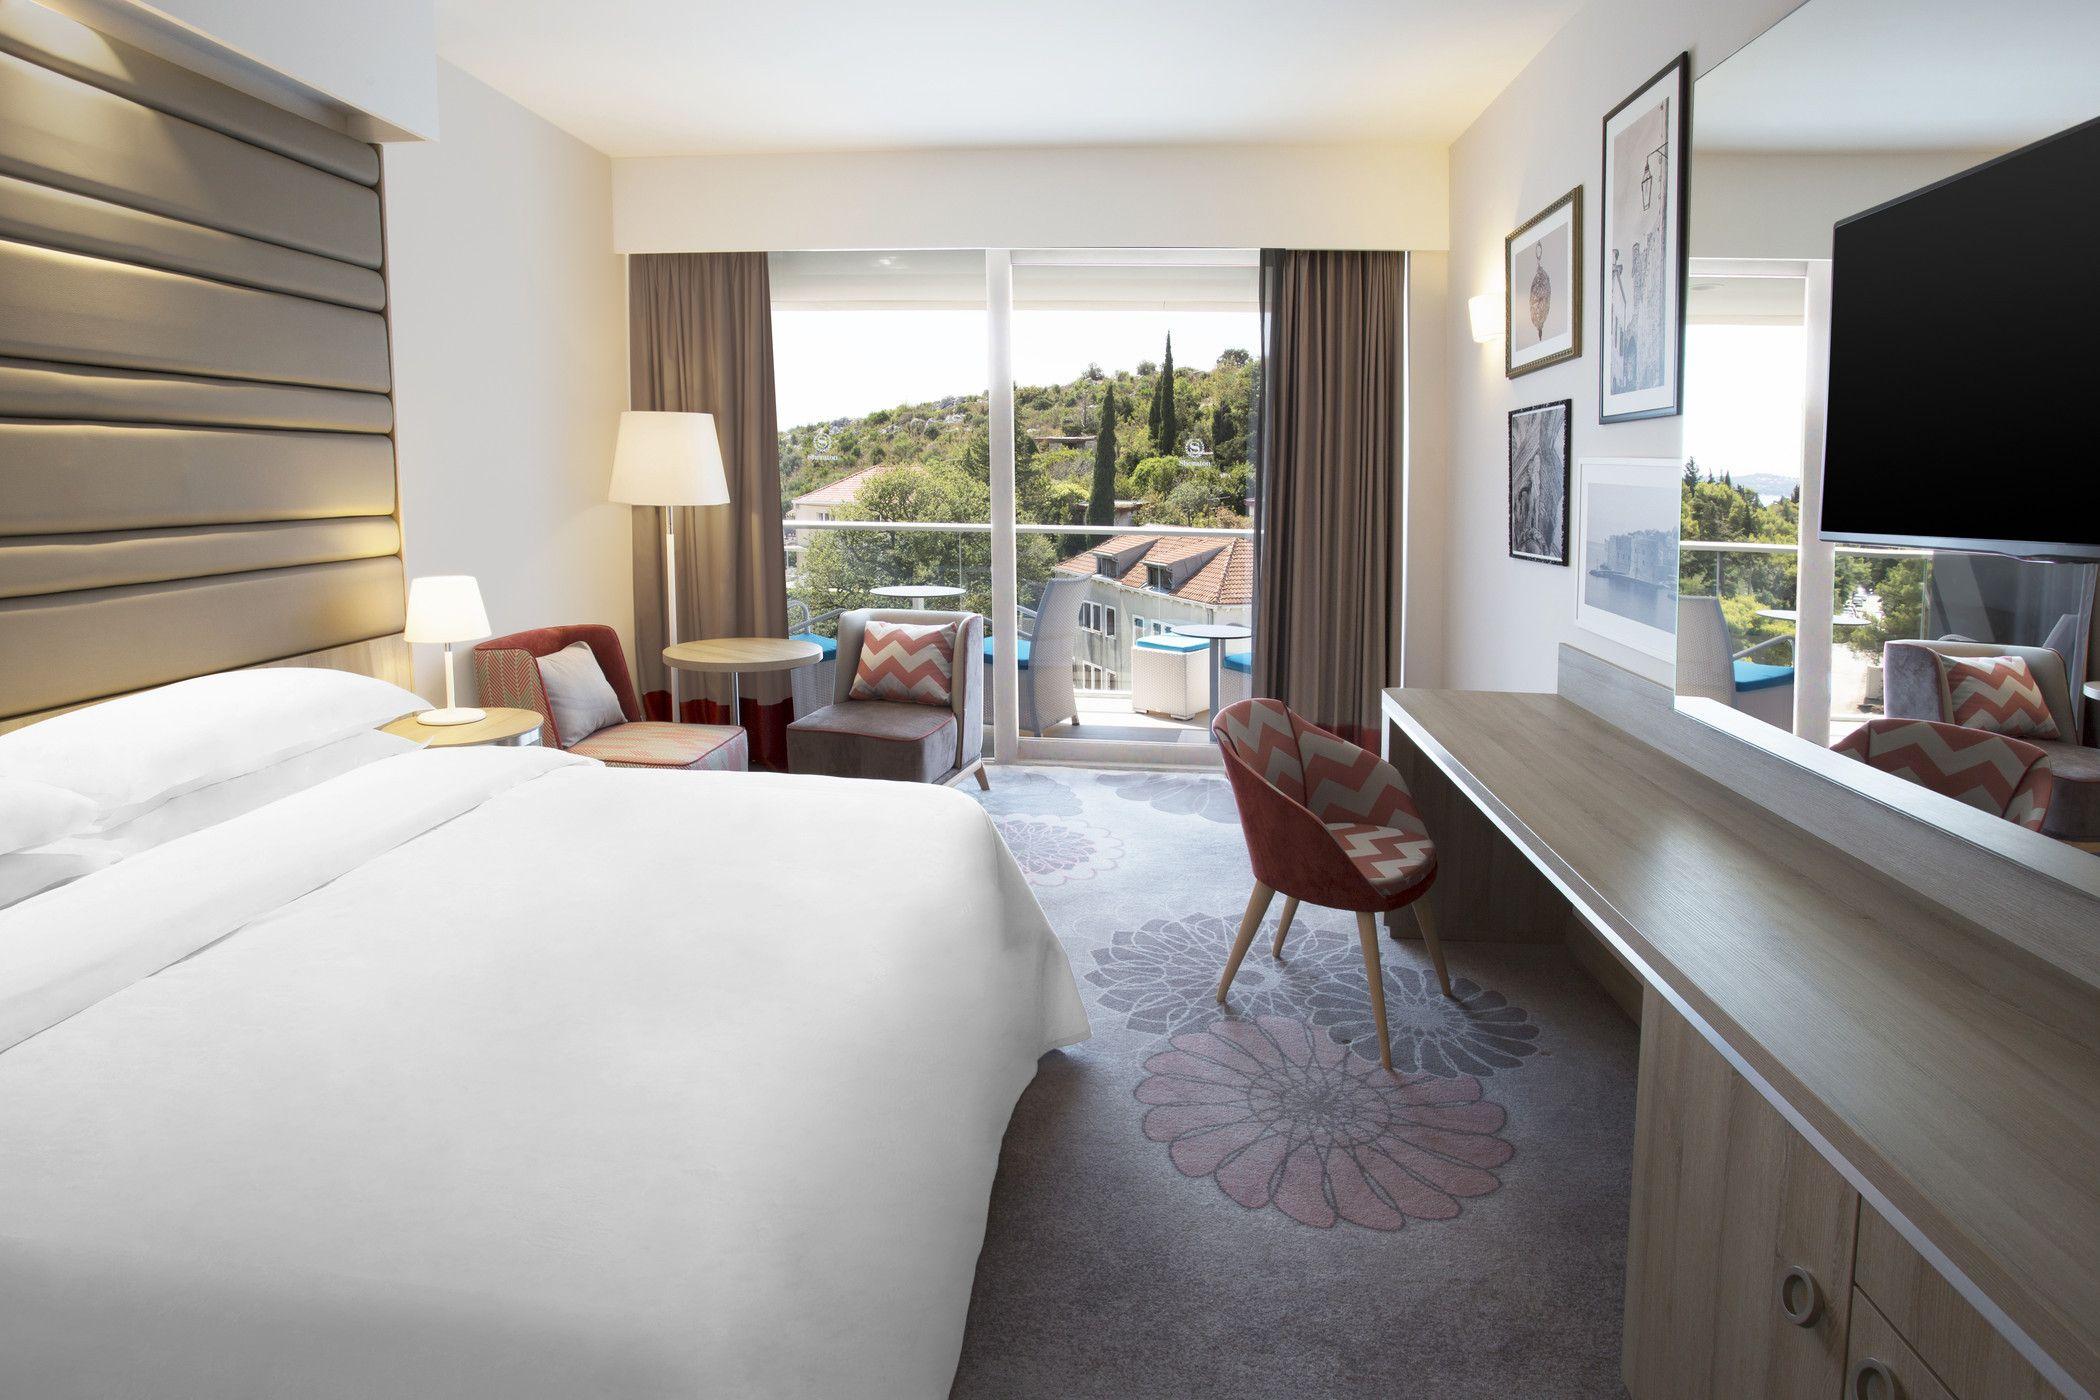 Starwood Hotels & Resorts élargit sa présence mondiale avec l'arrivée de l'enseigne Sheraton dans le sud de la Croatie | Business Wire